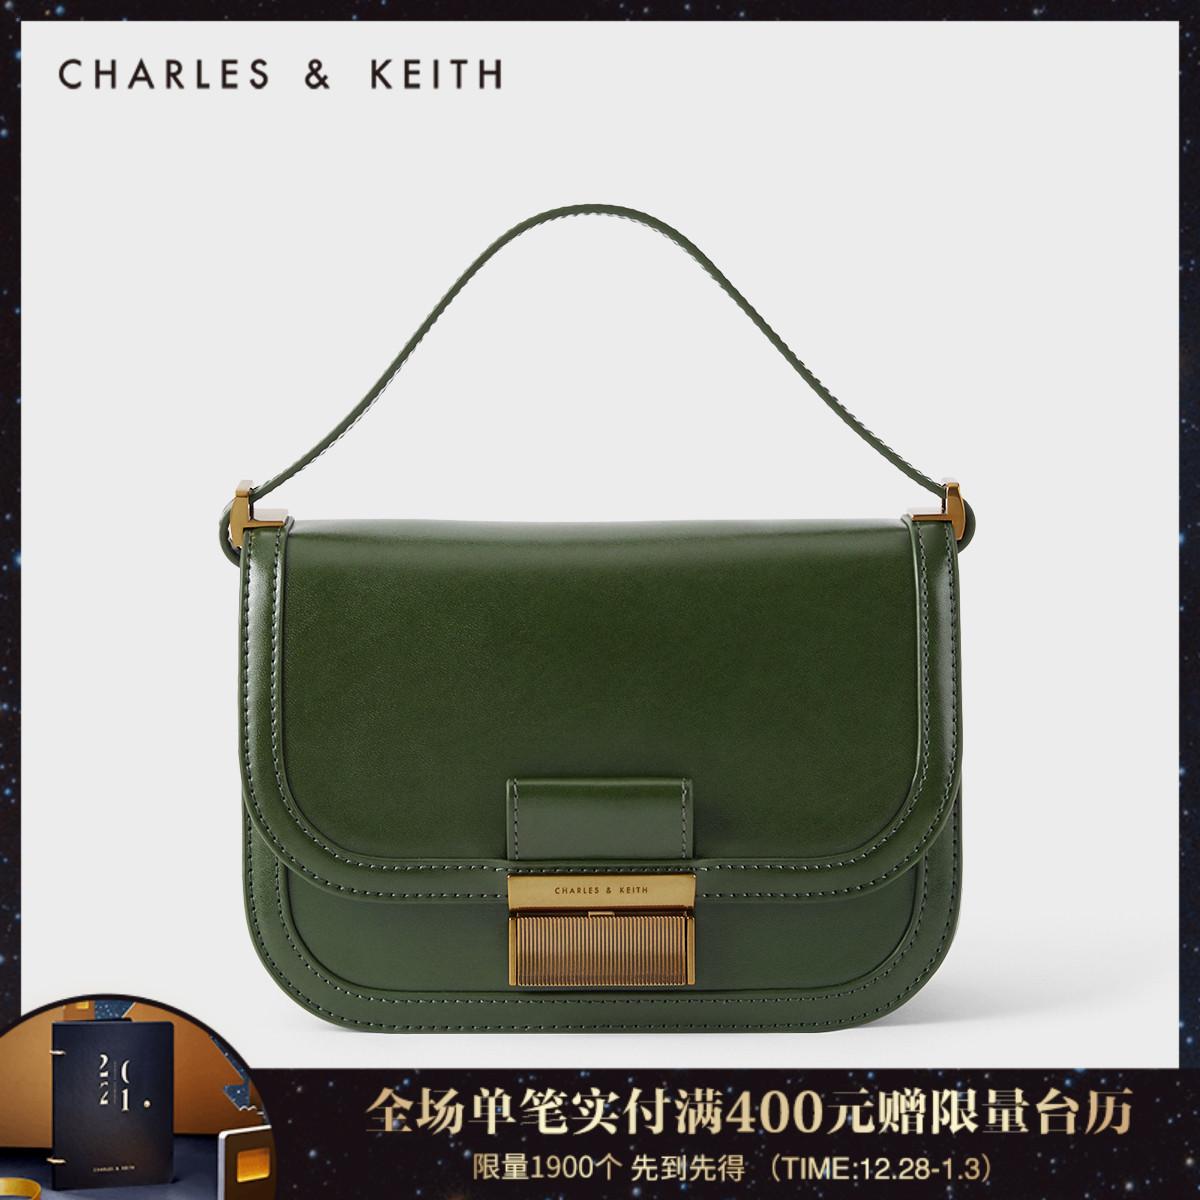 女士金属单肩腋下包豆腐包80781400CK2冬新品KEITH2020&CHARLES